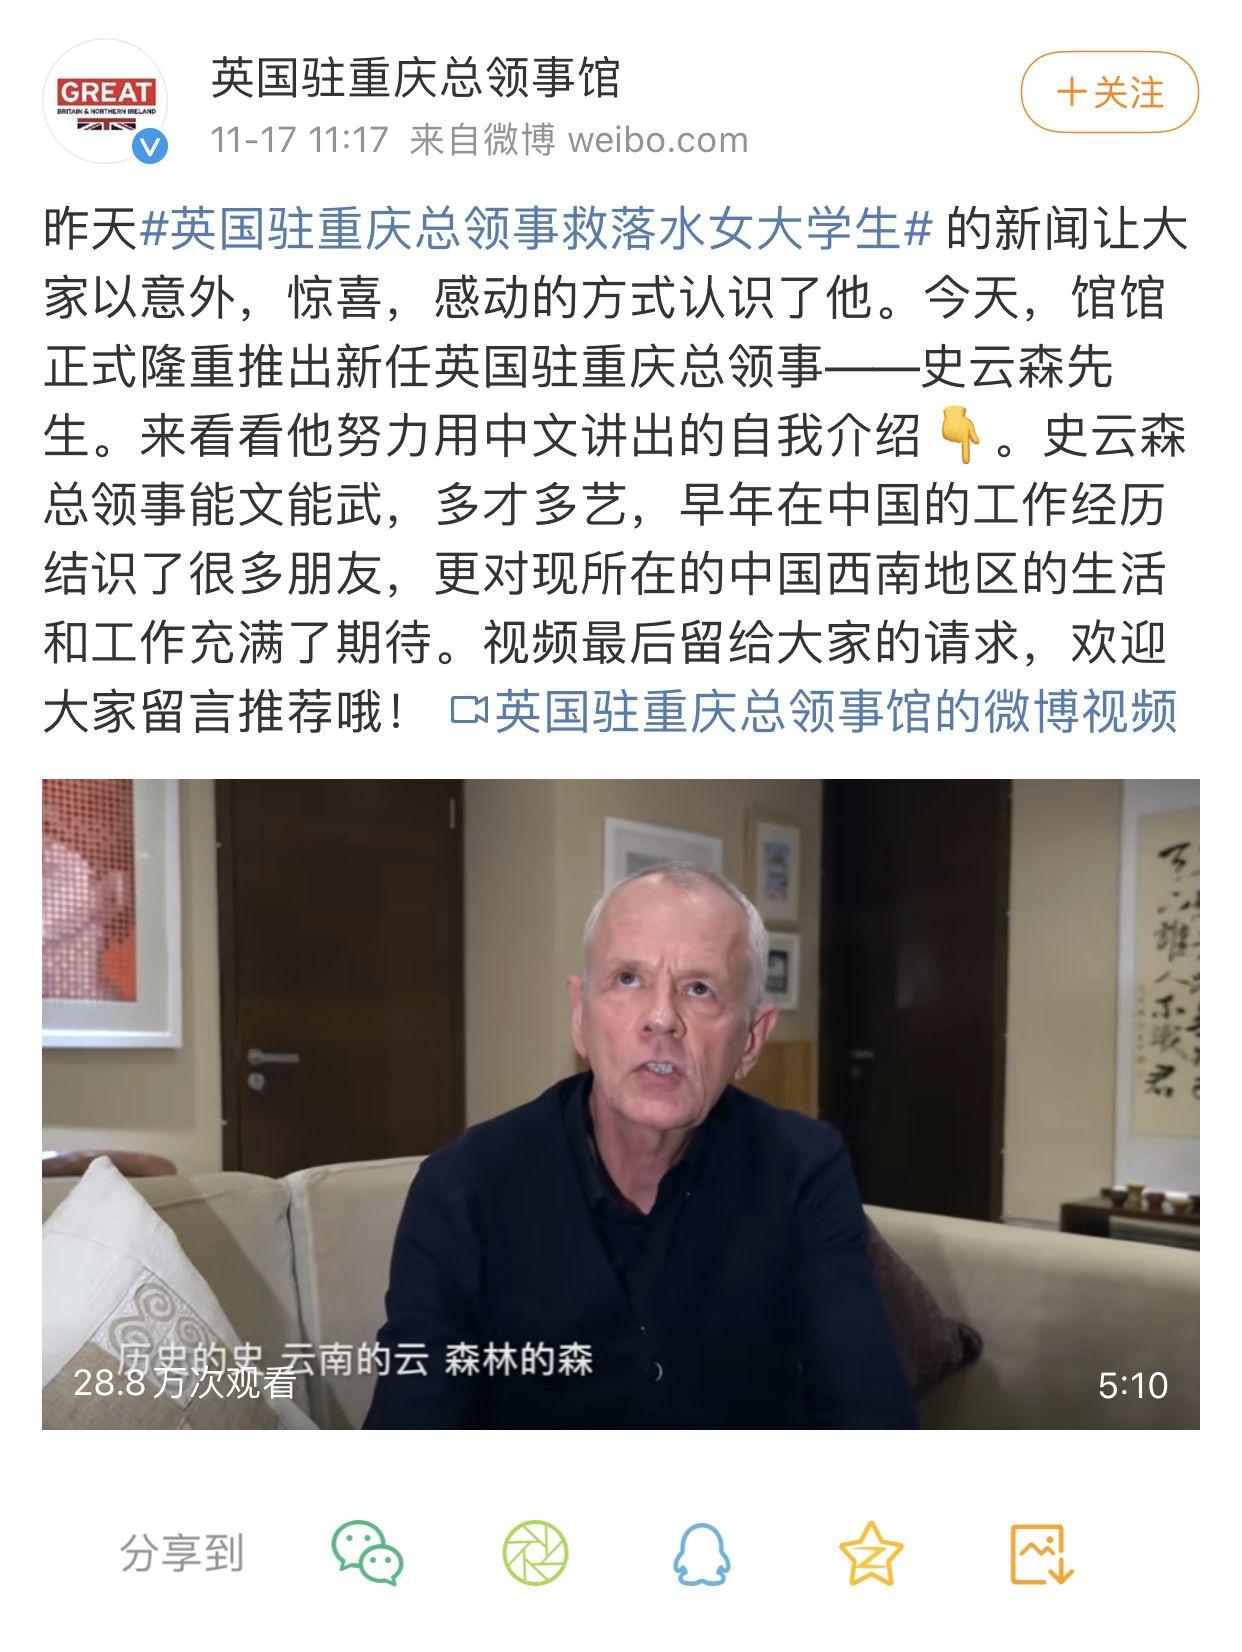 英国驻重庆总领事跳水救人,所有的善都值得推崇